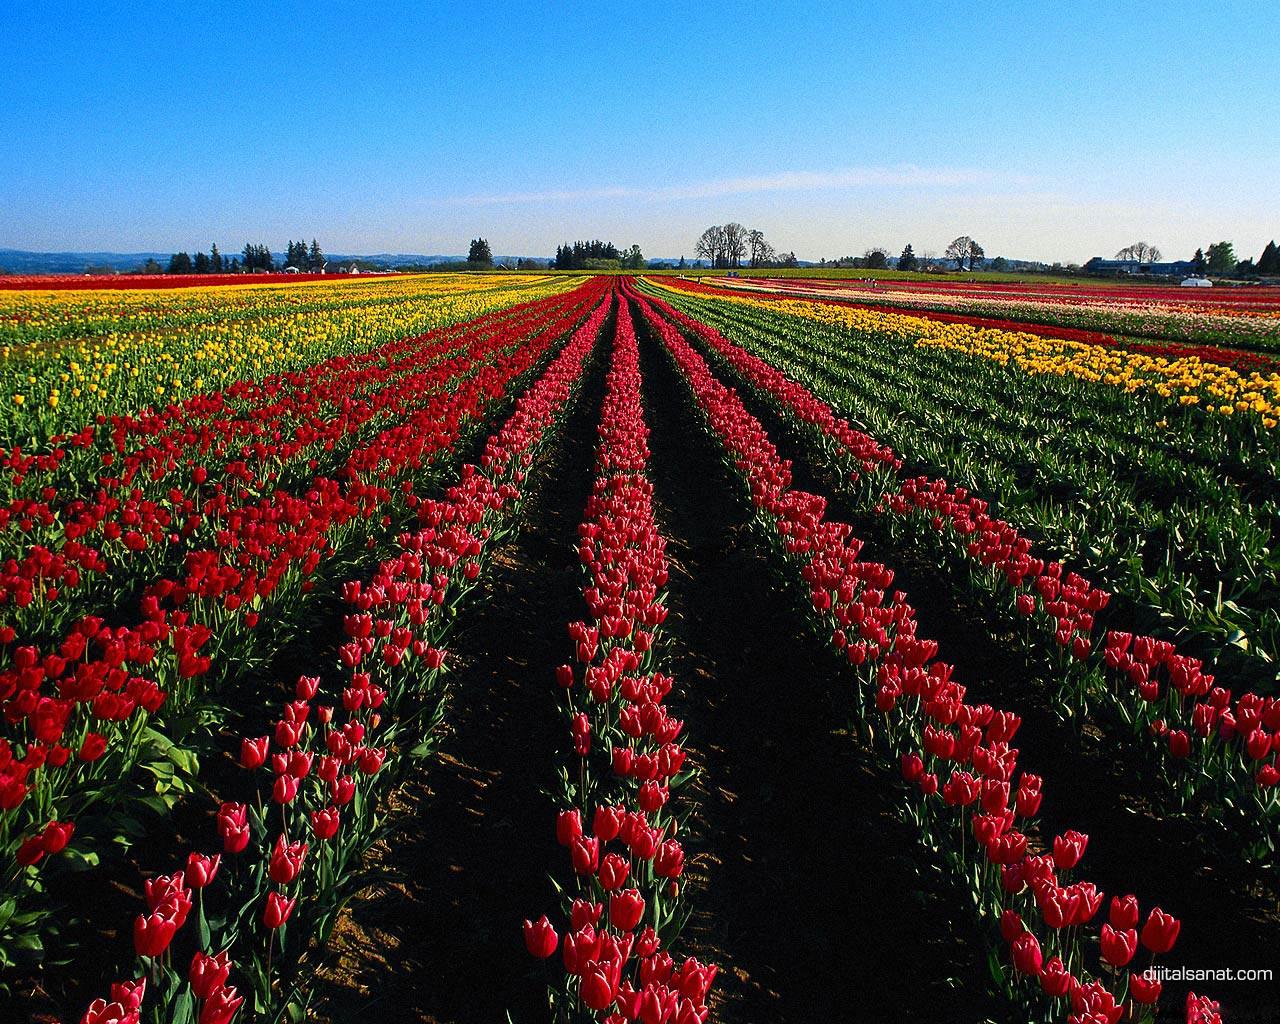 Resimleri masaüstü çiçek resmi masaüstü çiçekler resimleri